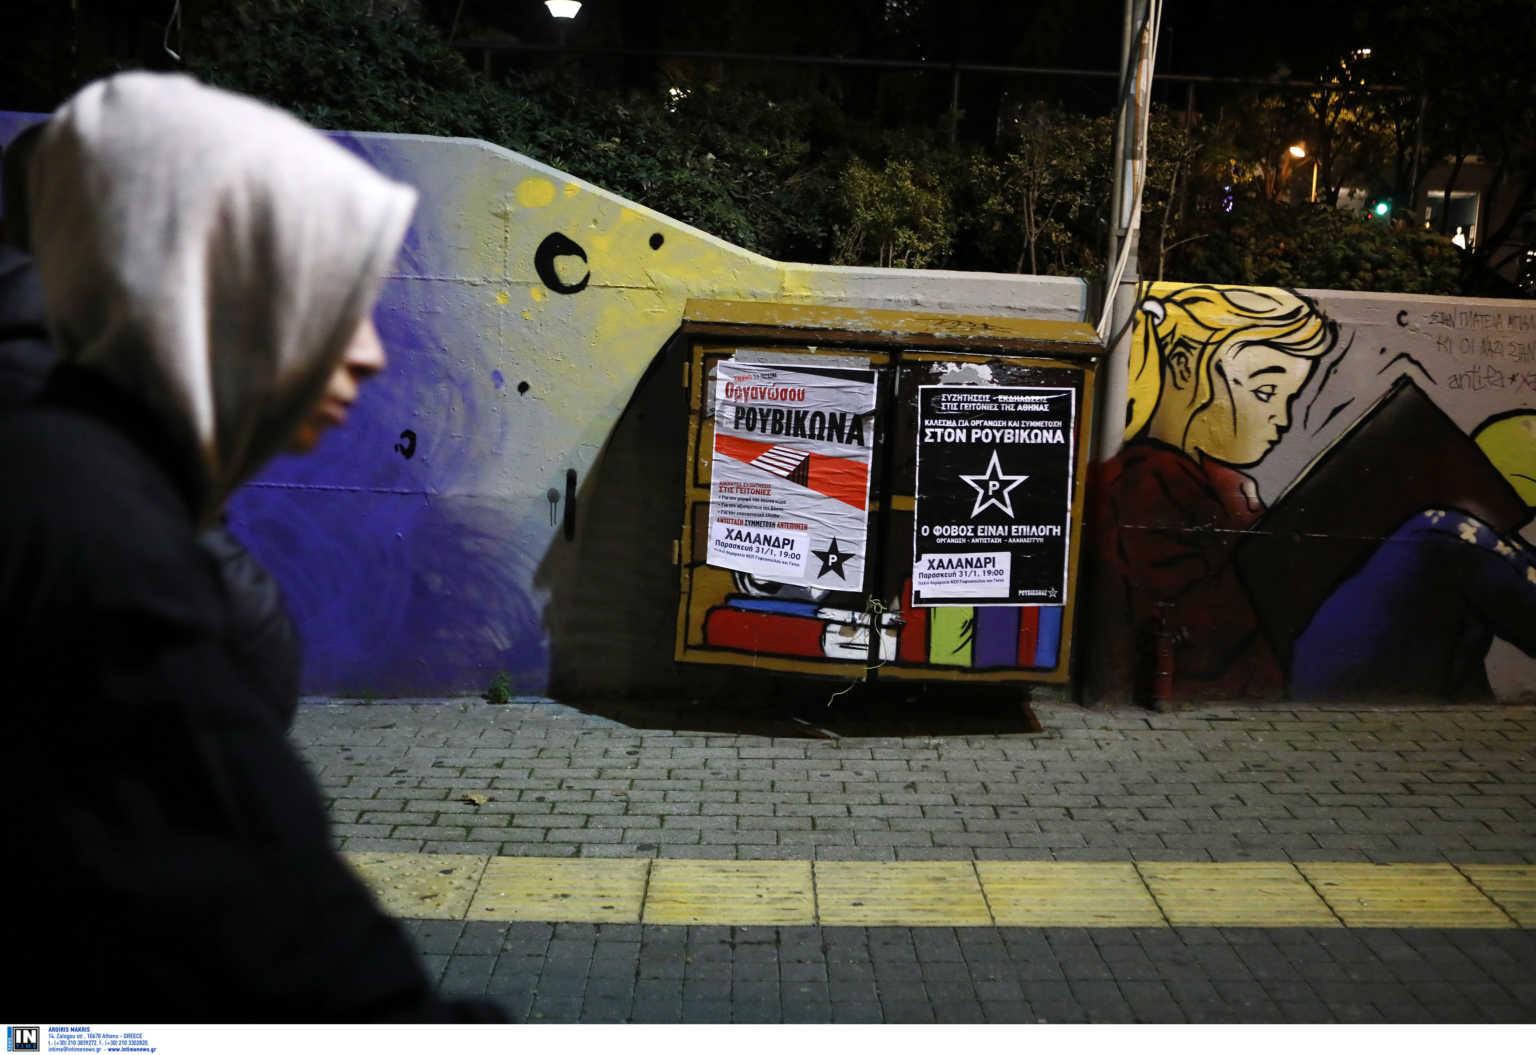 Ρουβίκωνας: Επίθεση στο κέντρο επιχειρήσεων Πολιτικής Προστασίας